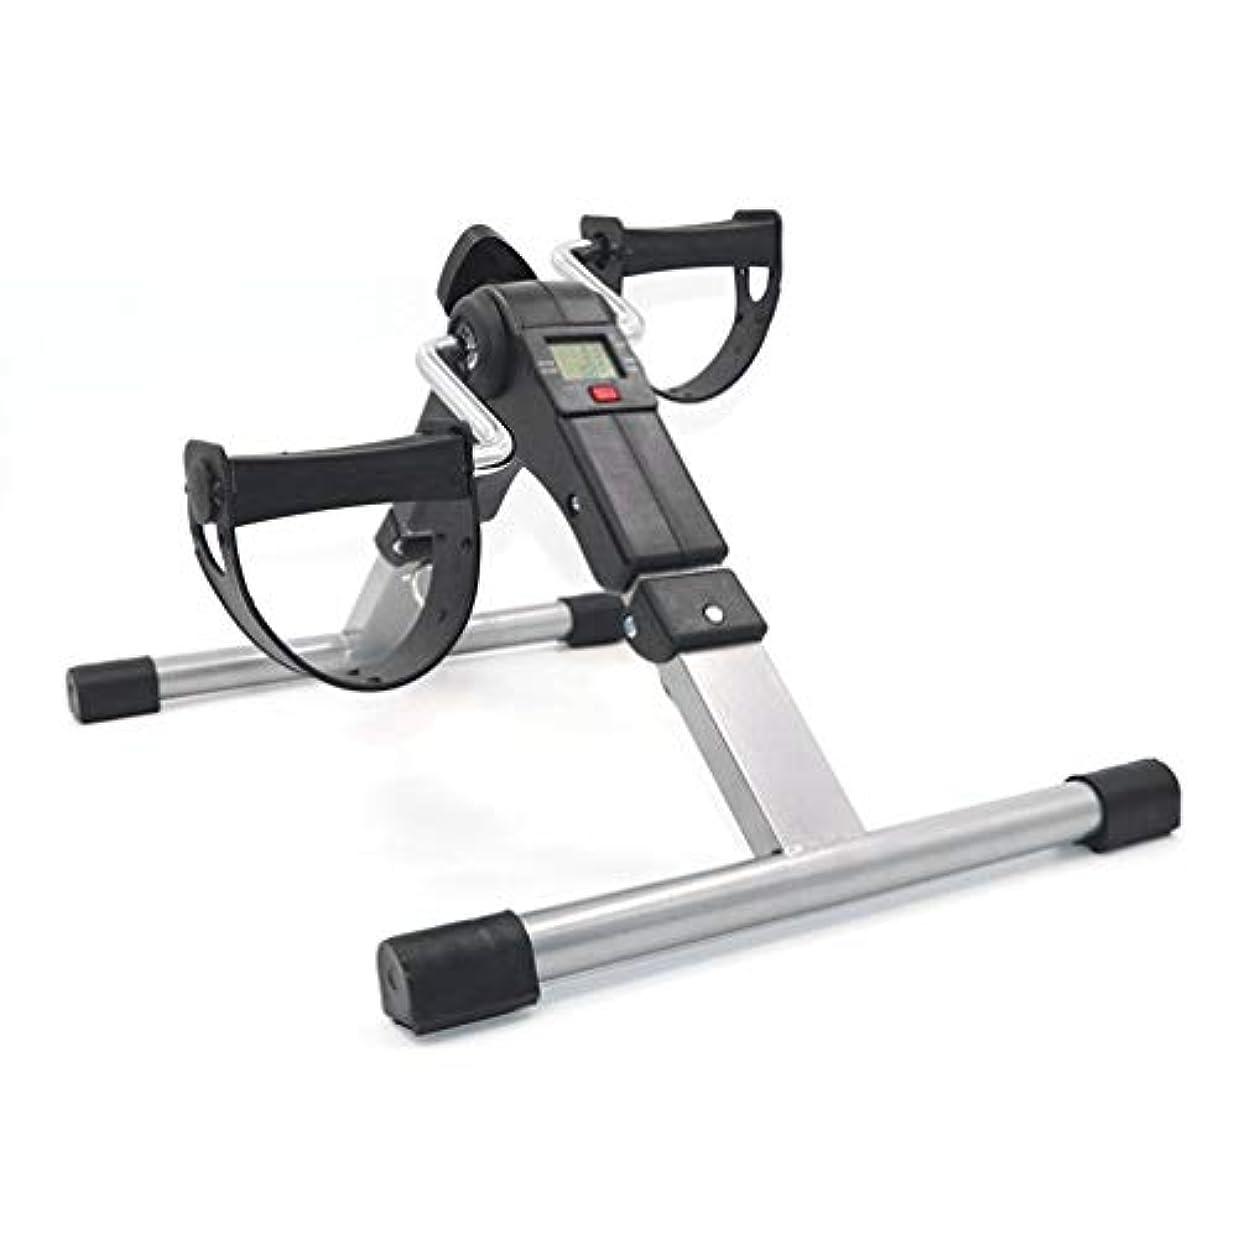 疾患また明日ね飛行場実用的なトレーナー自転車脚エクササイザーストローク片麻痺リハビリテーションペダル-Rustle666